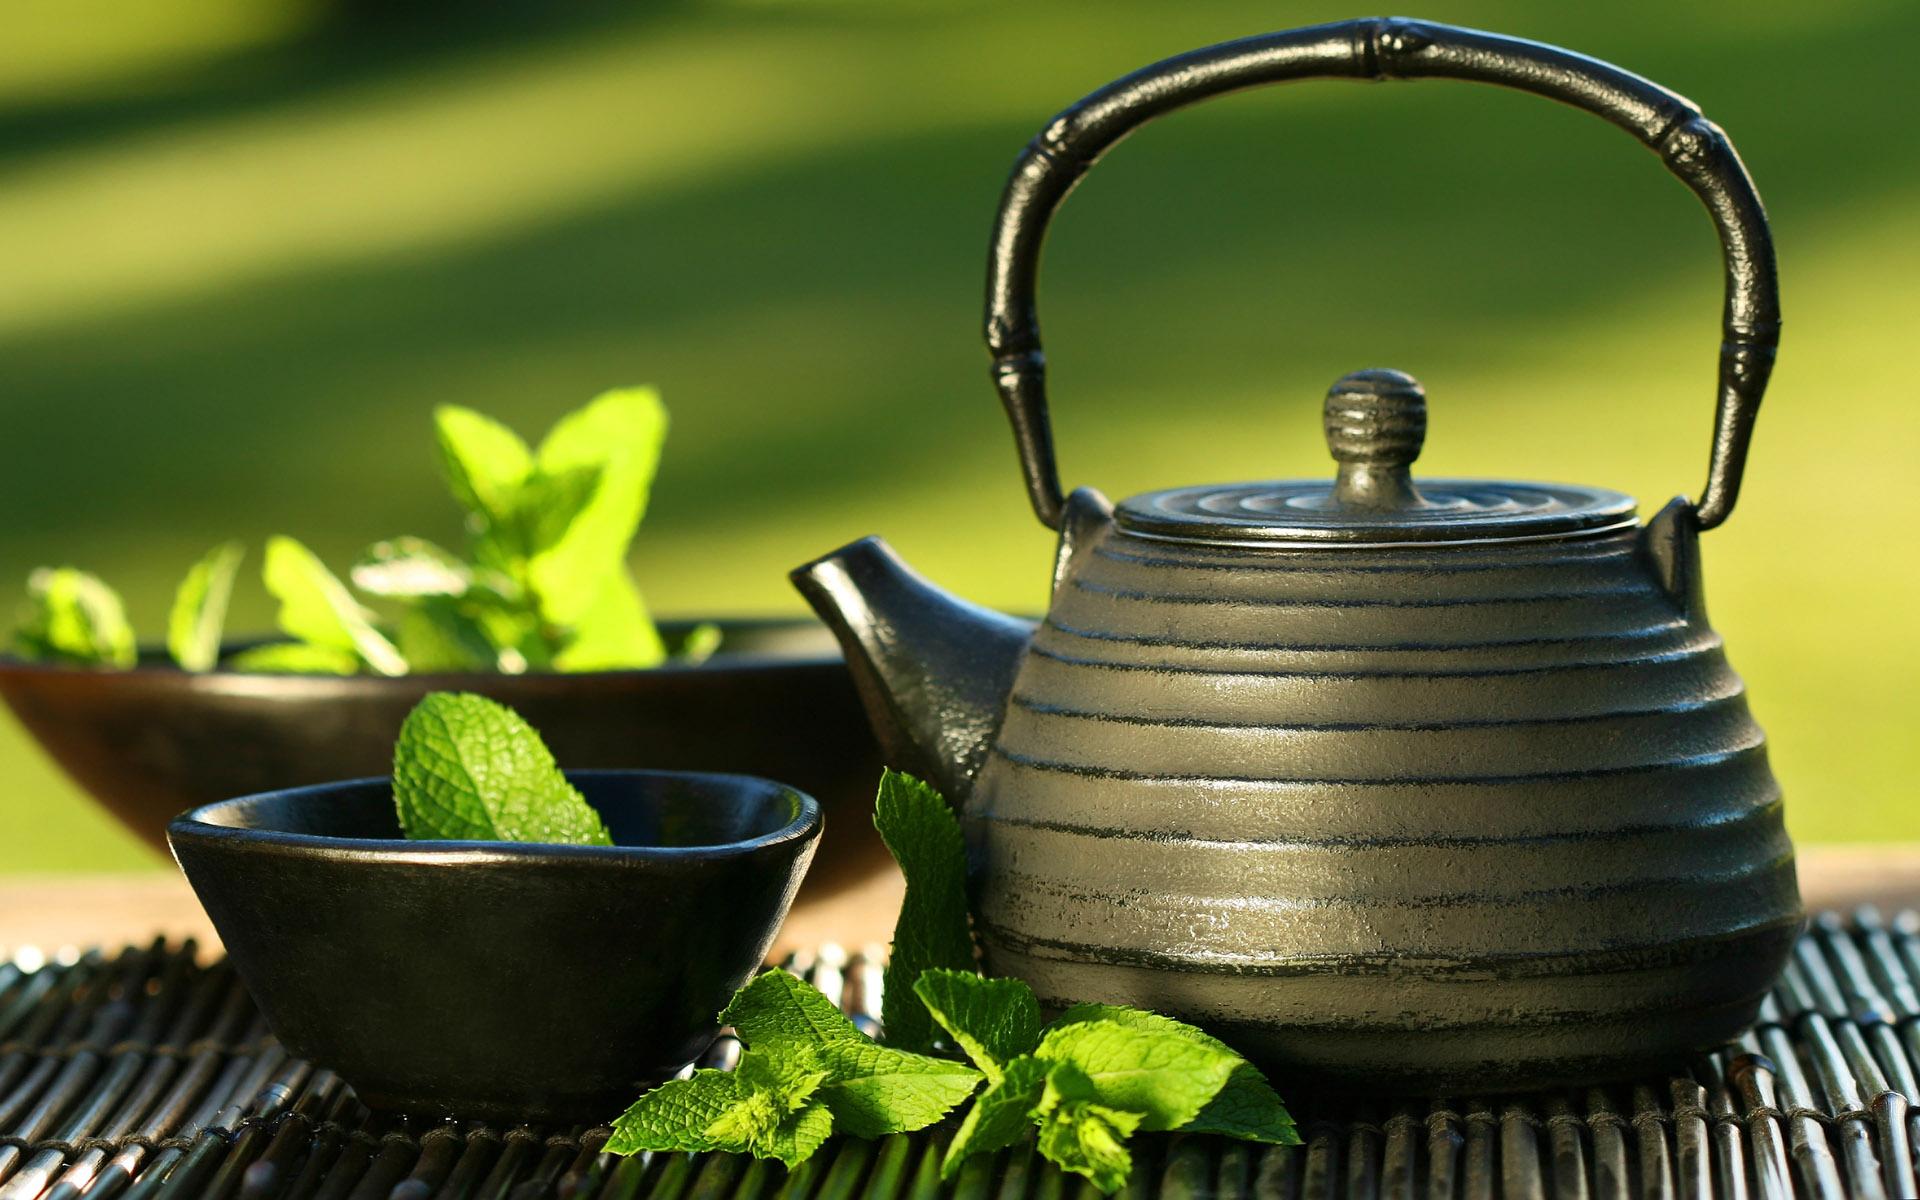 На фестивале весеннего чая-2011 в гуансийском Учжоу будет уделено повышенное внимание профессиональной сфере